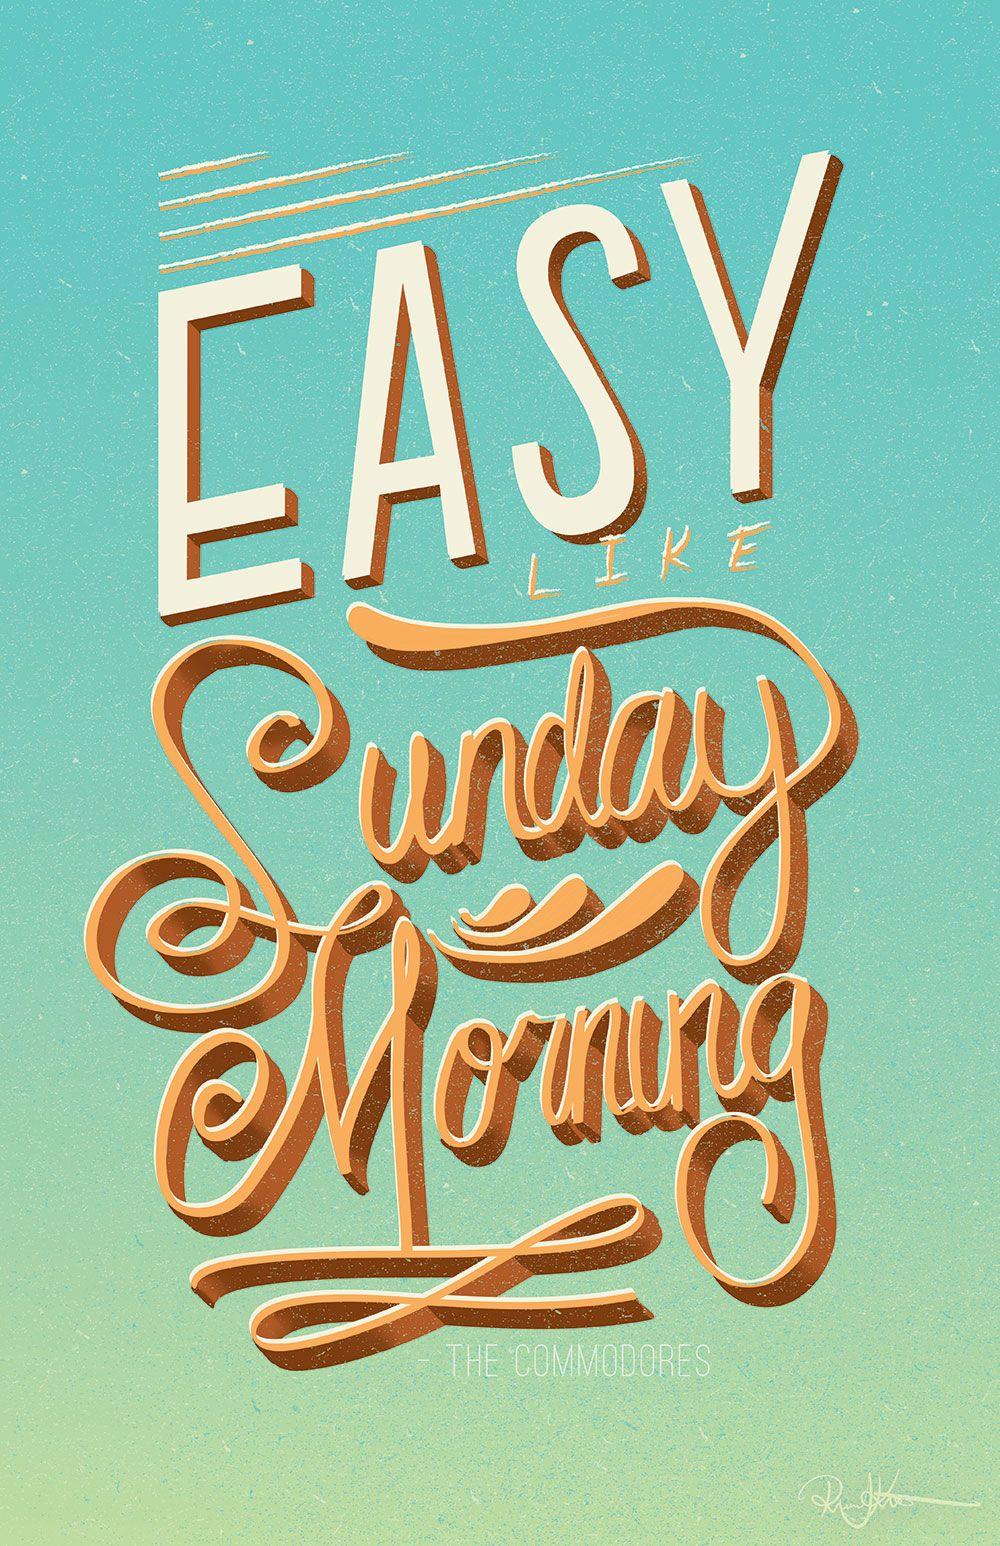 Easy Like Sunday Morning Music Quotes Lyrics Lyrics